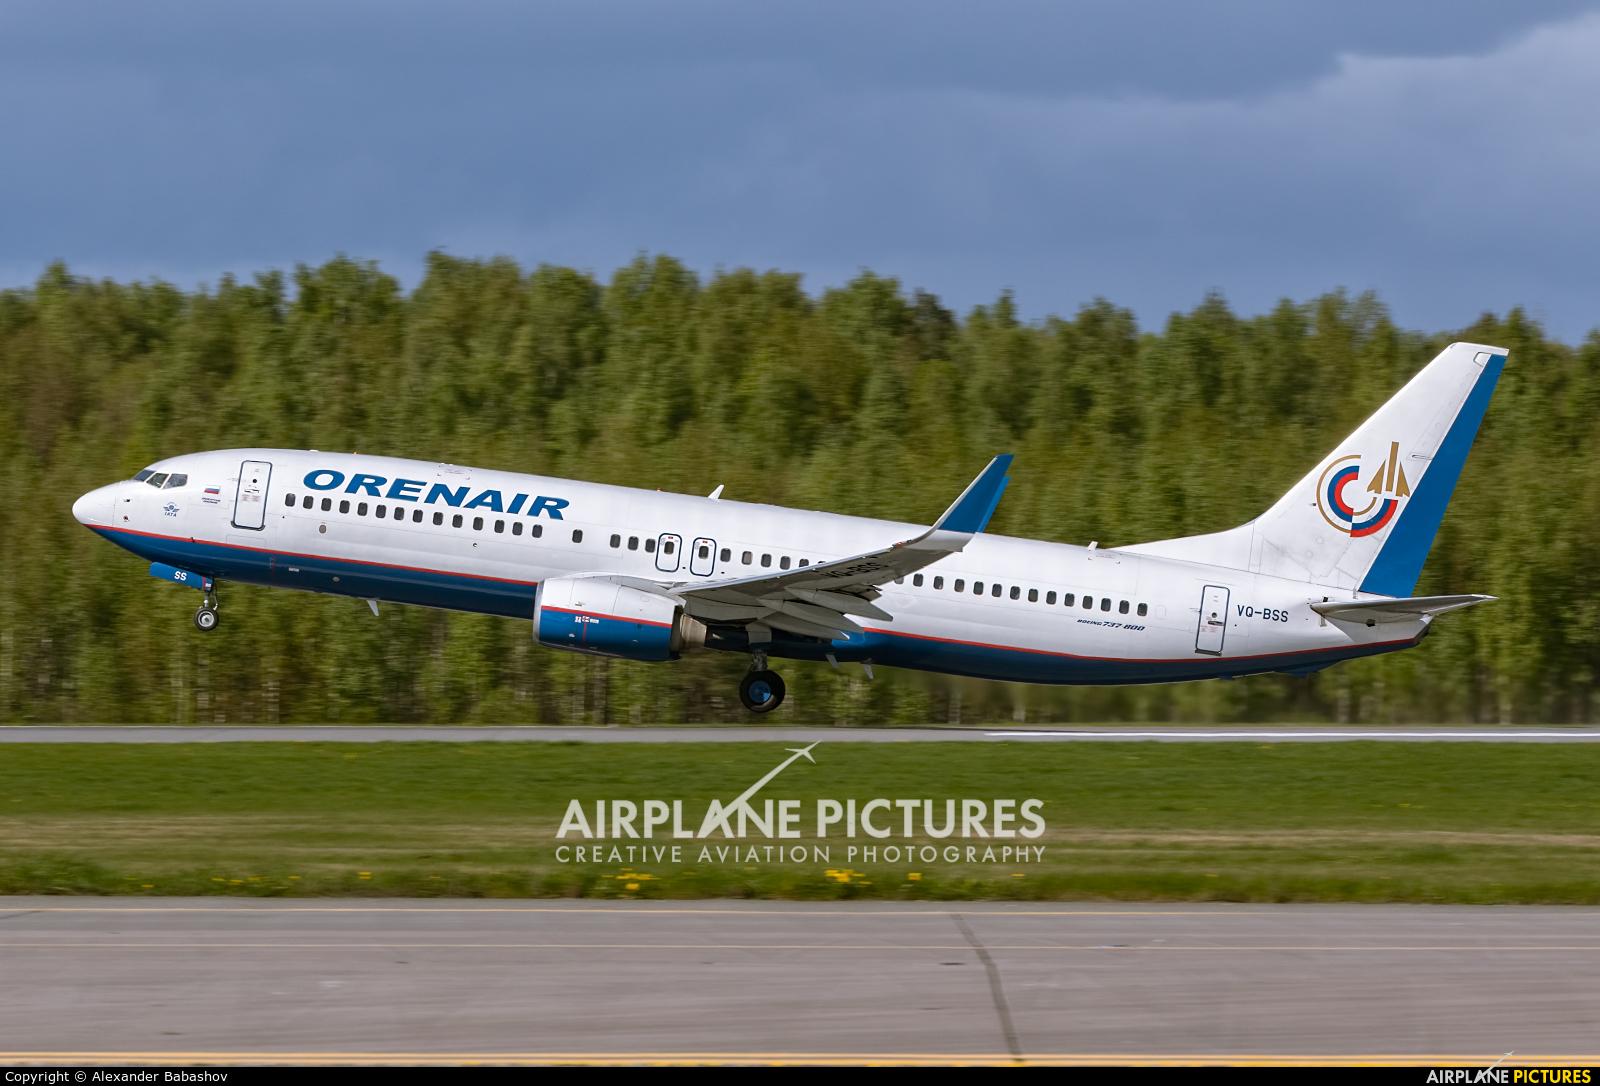 Orenair Boeing 737-800 VQ-BSS